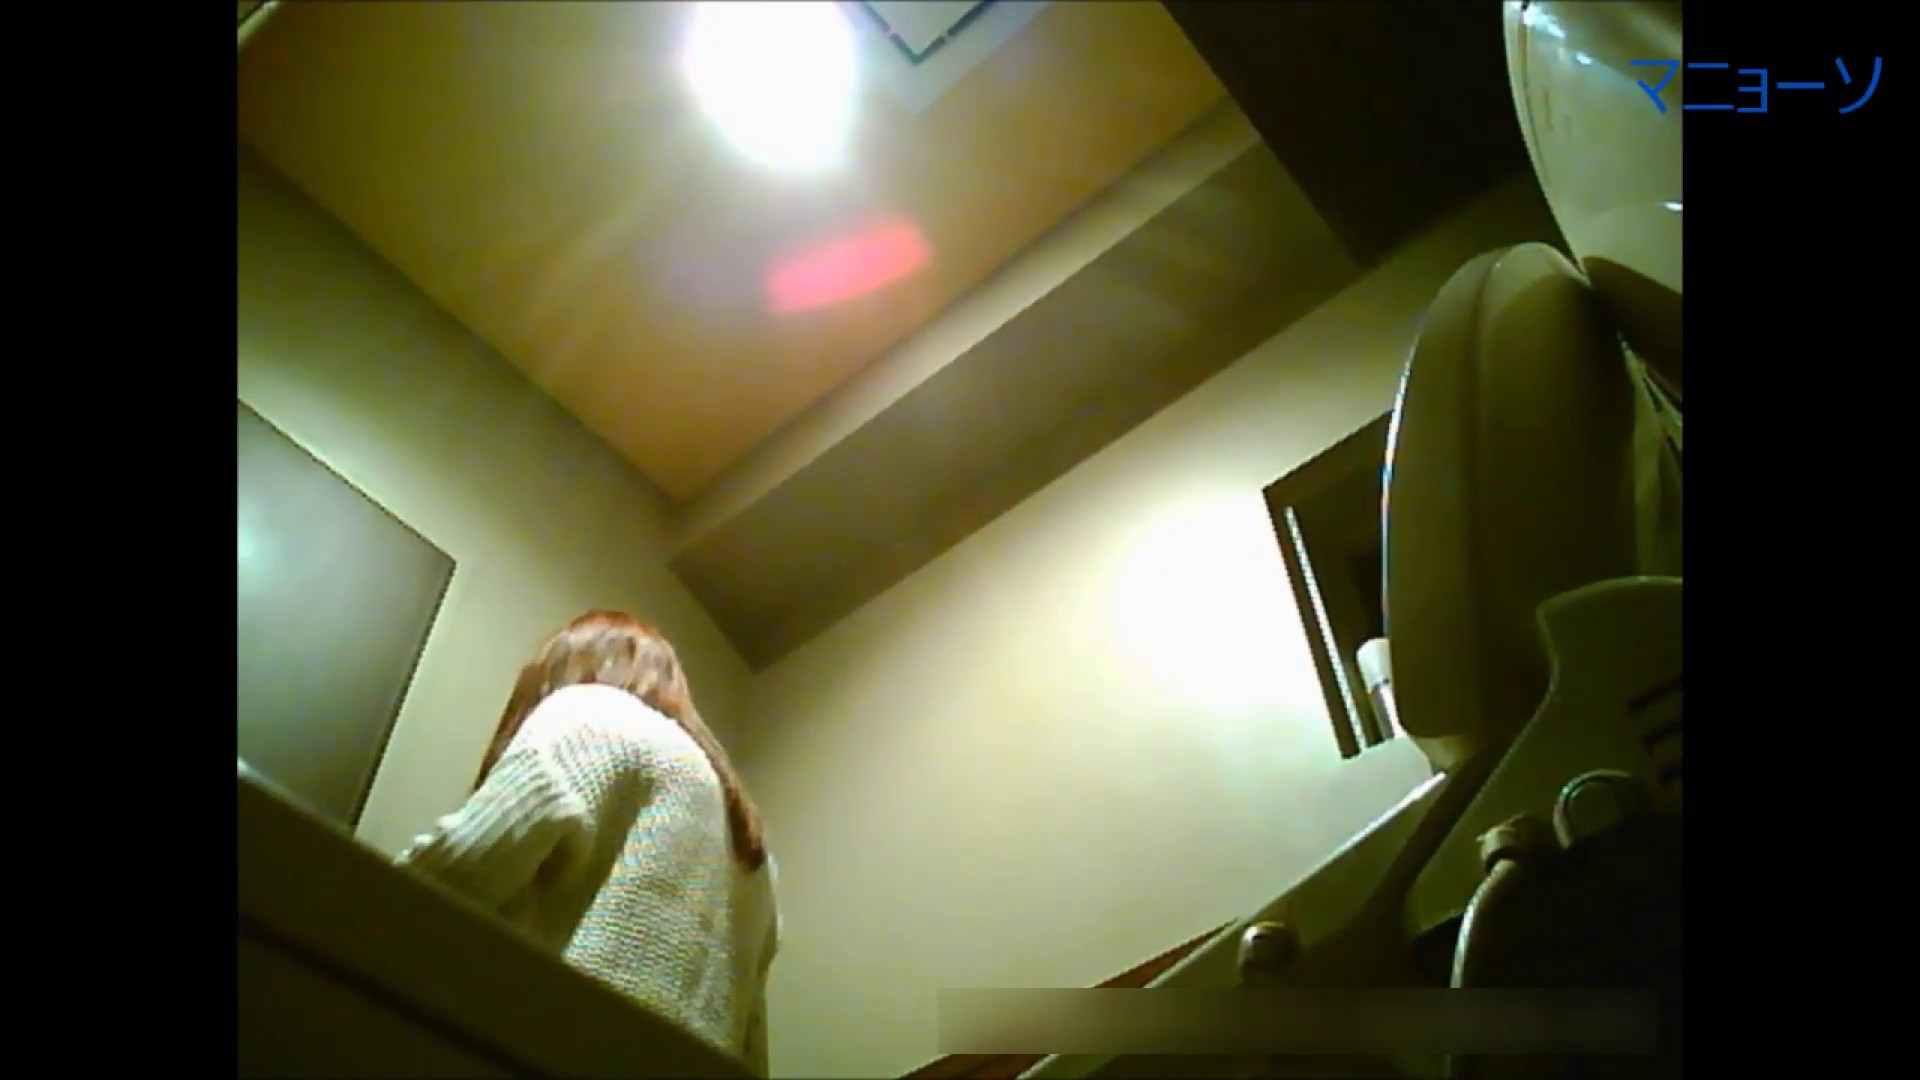 トイレでひと肌脱いでもらいました (JD編)Vol.01 OL  93pic 20